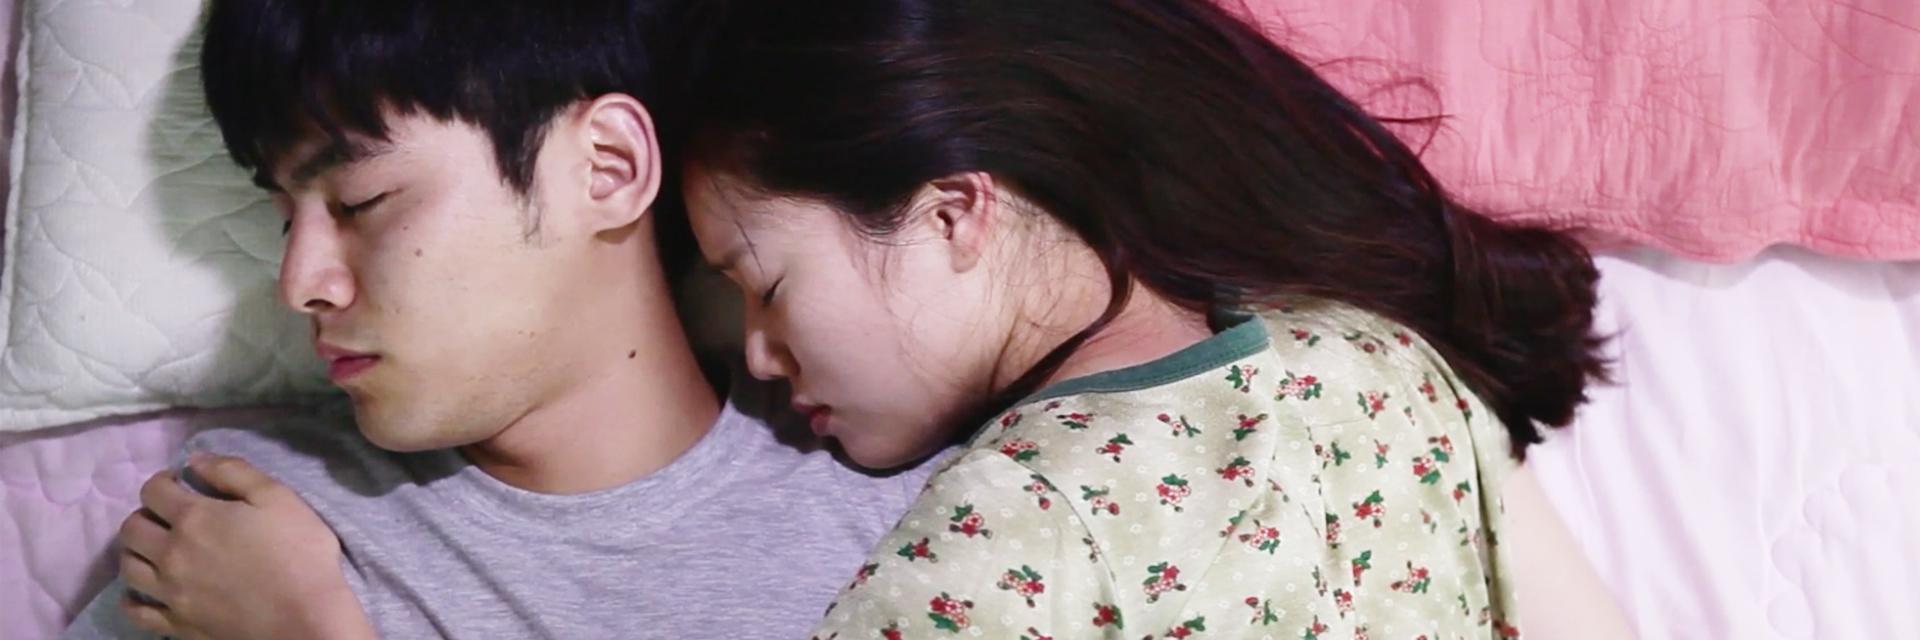 Best Short Films In Asia  Viddsee-8191